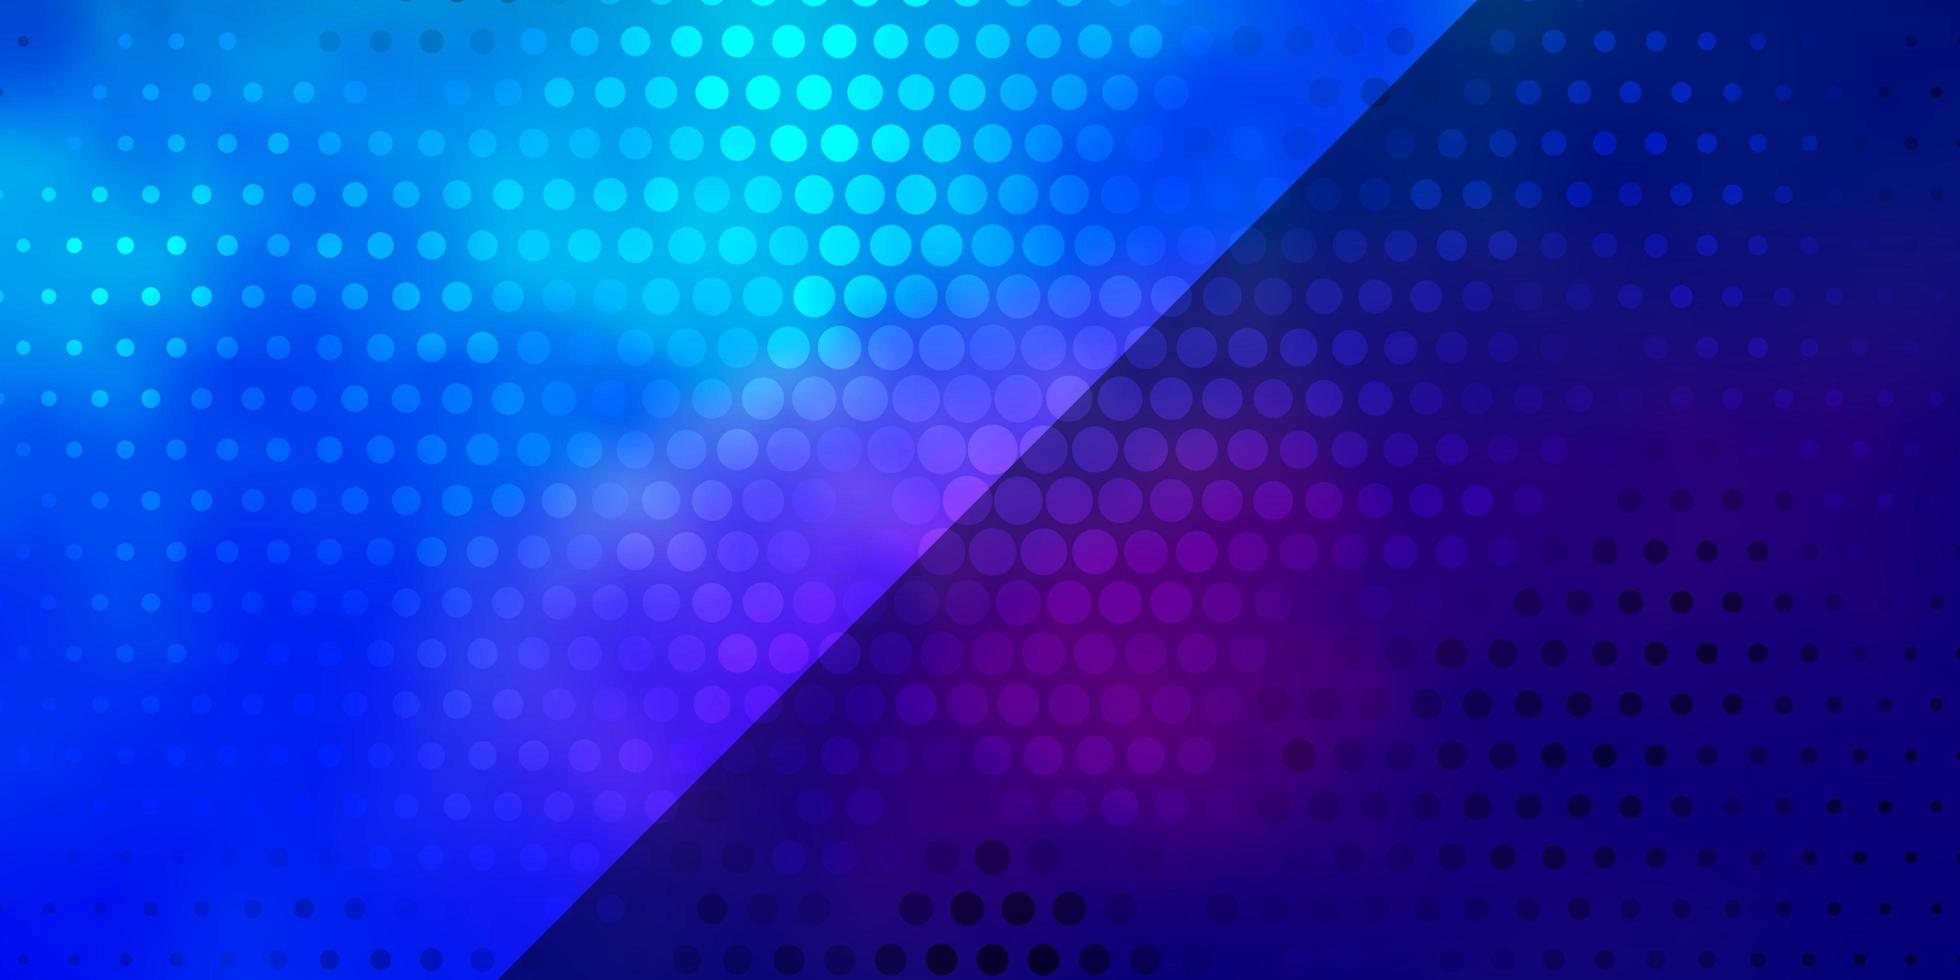 ljusblå, röd vektorstruktur med cirklar. vektor